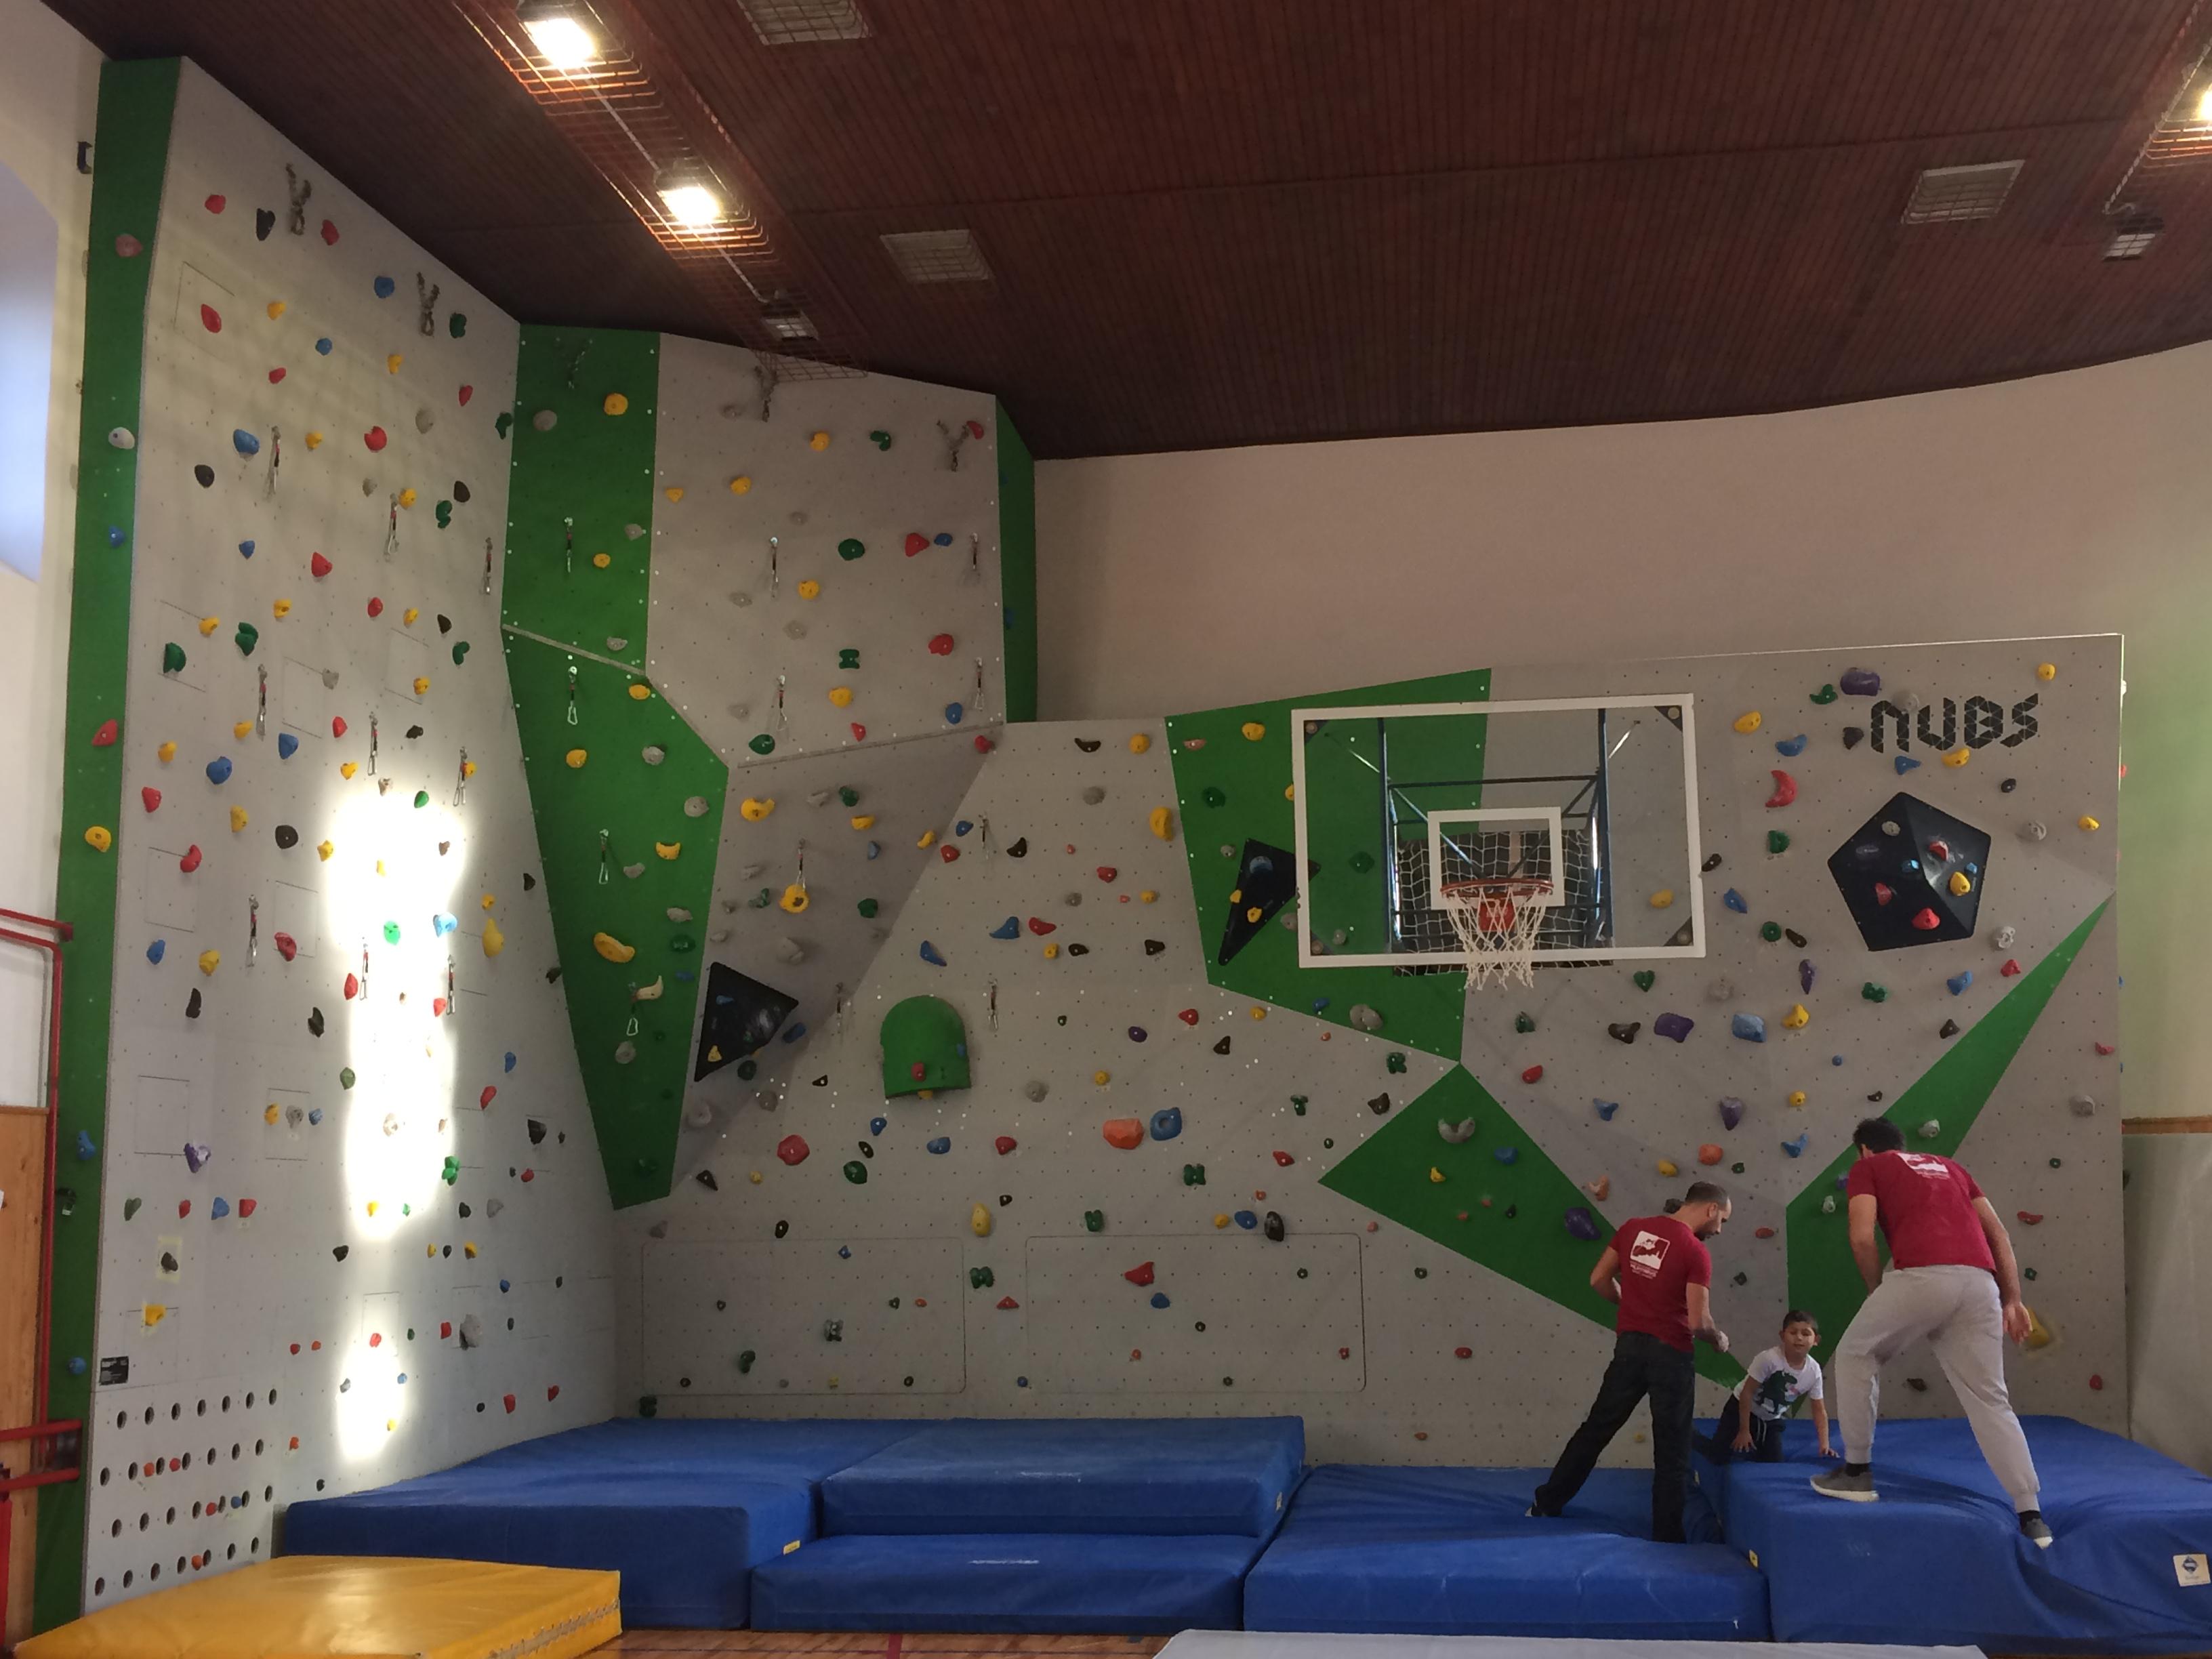 Inaugurata la nuova roccia per l'arrampicata libera